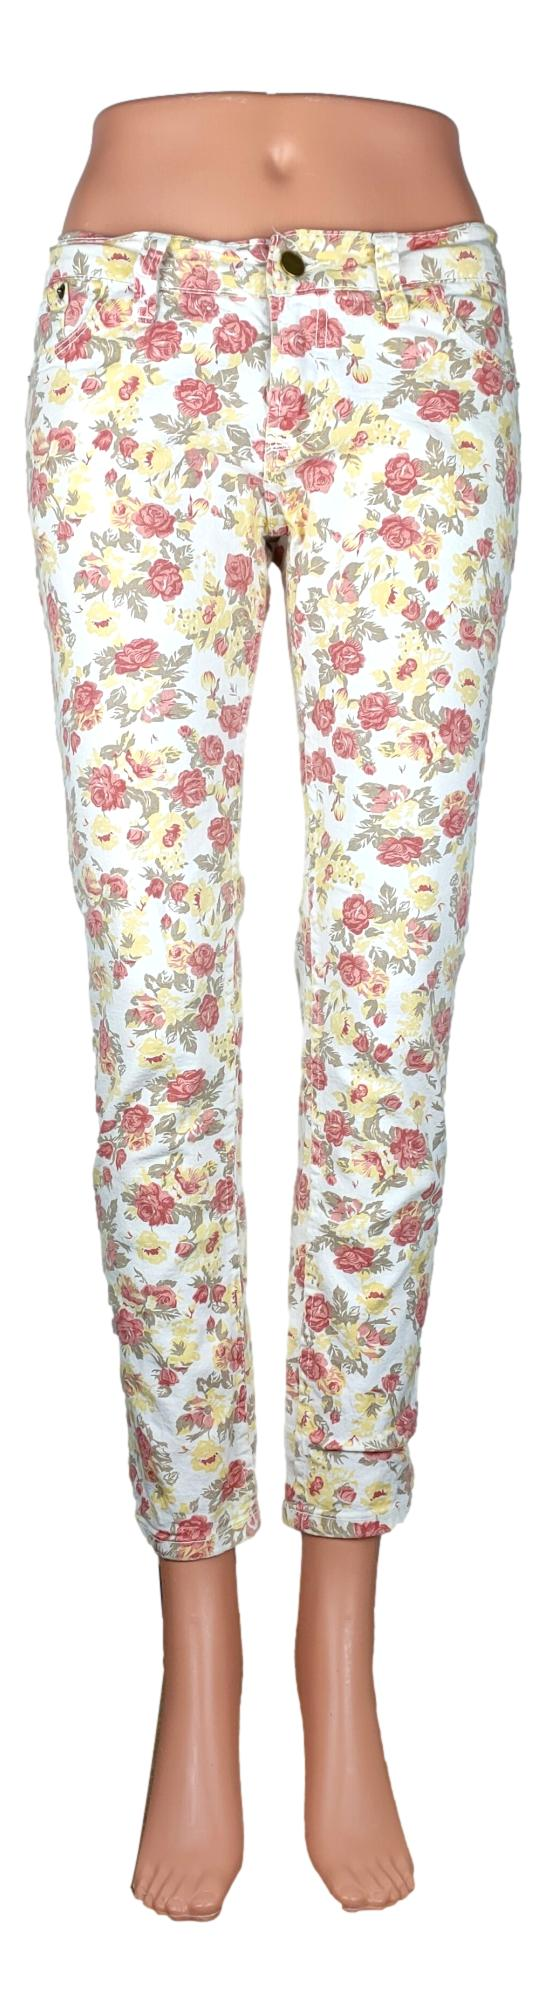 Pantalon Greet - Taille 40